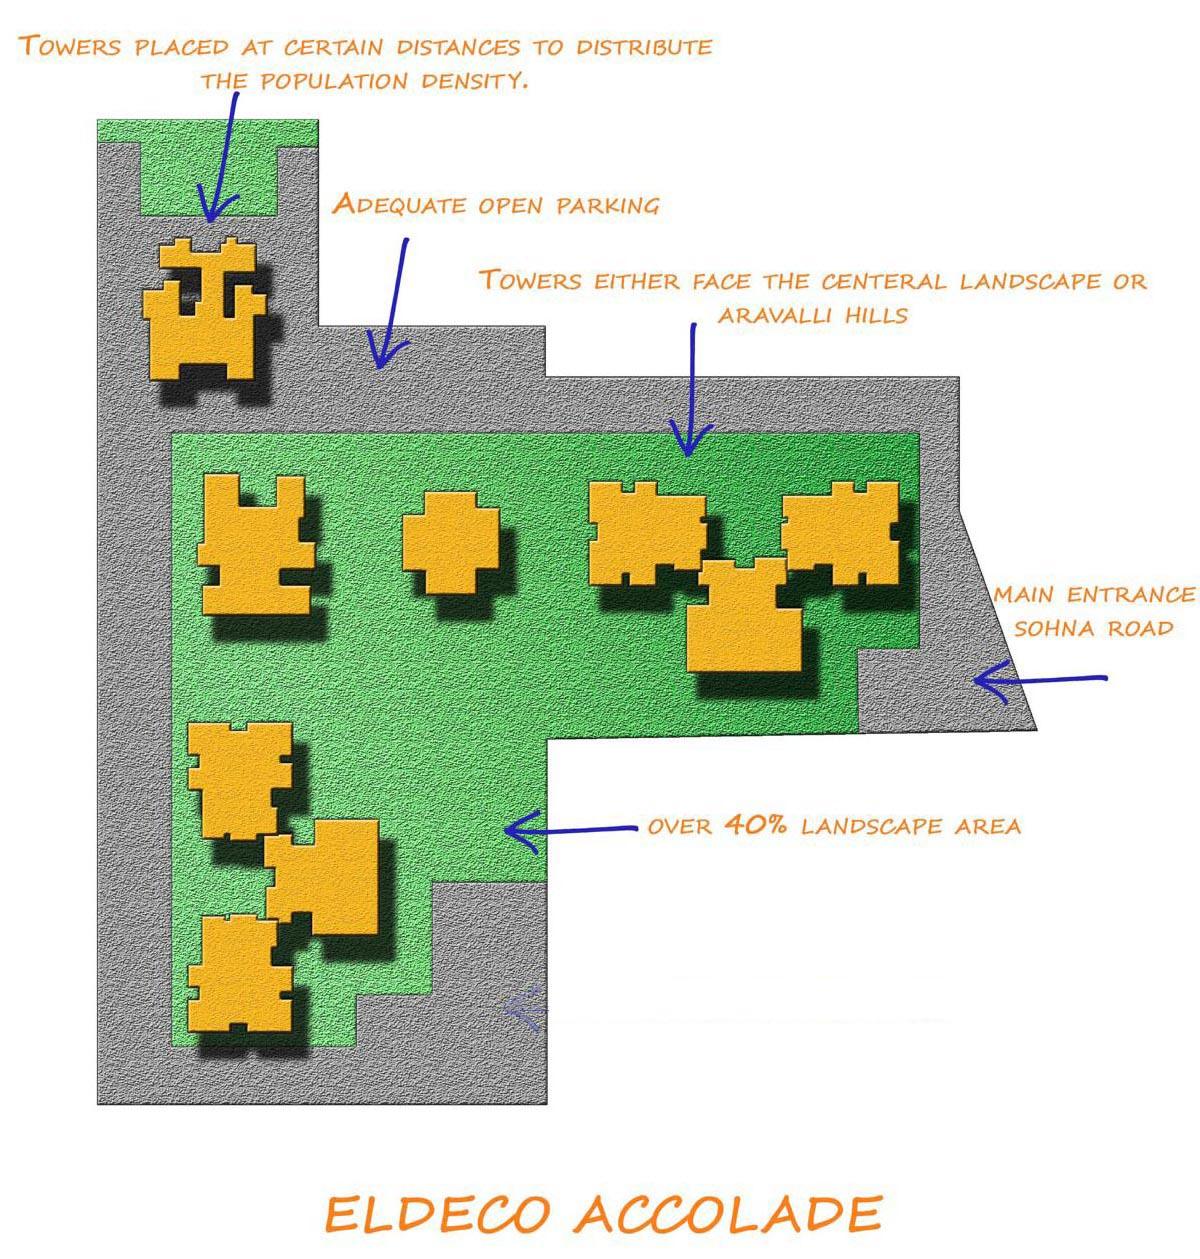 Eldeco Accolade Design Features